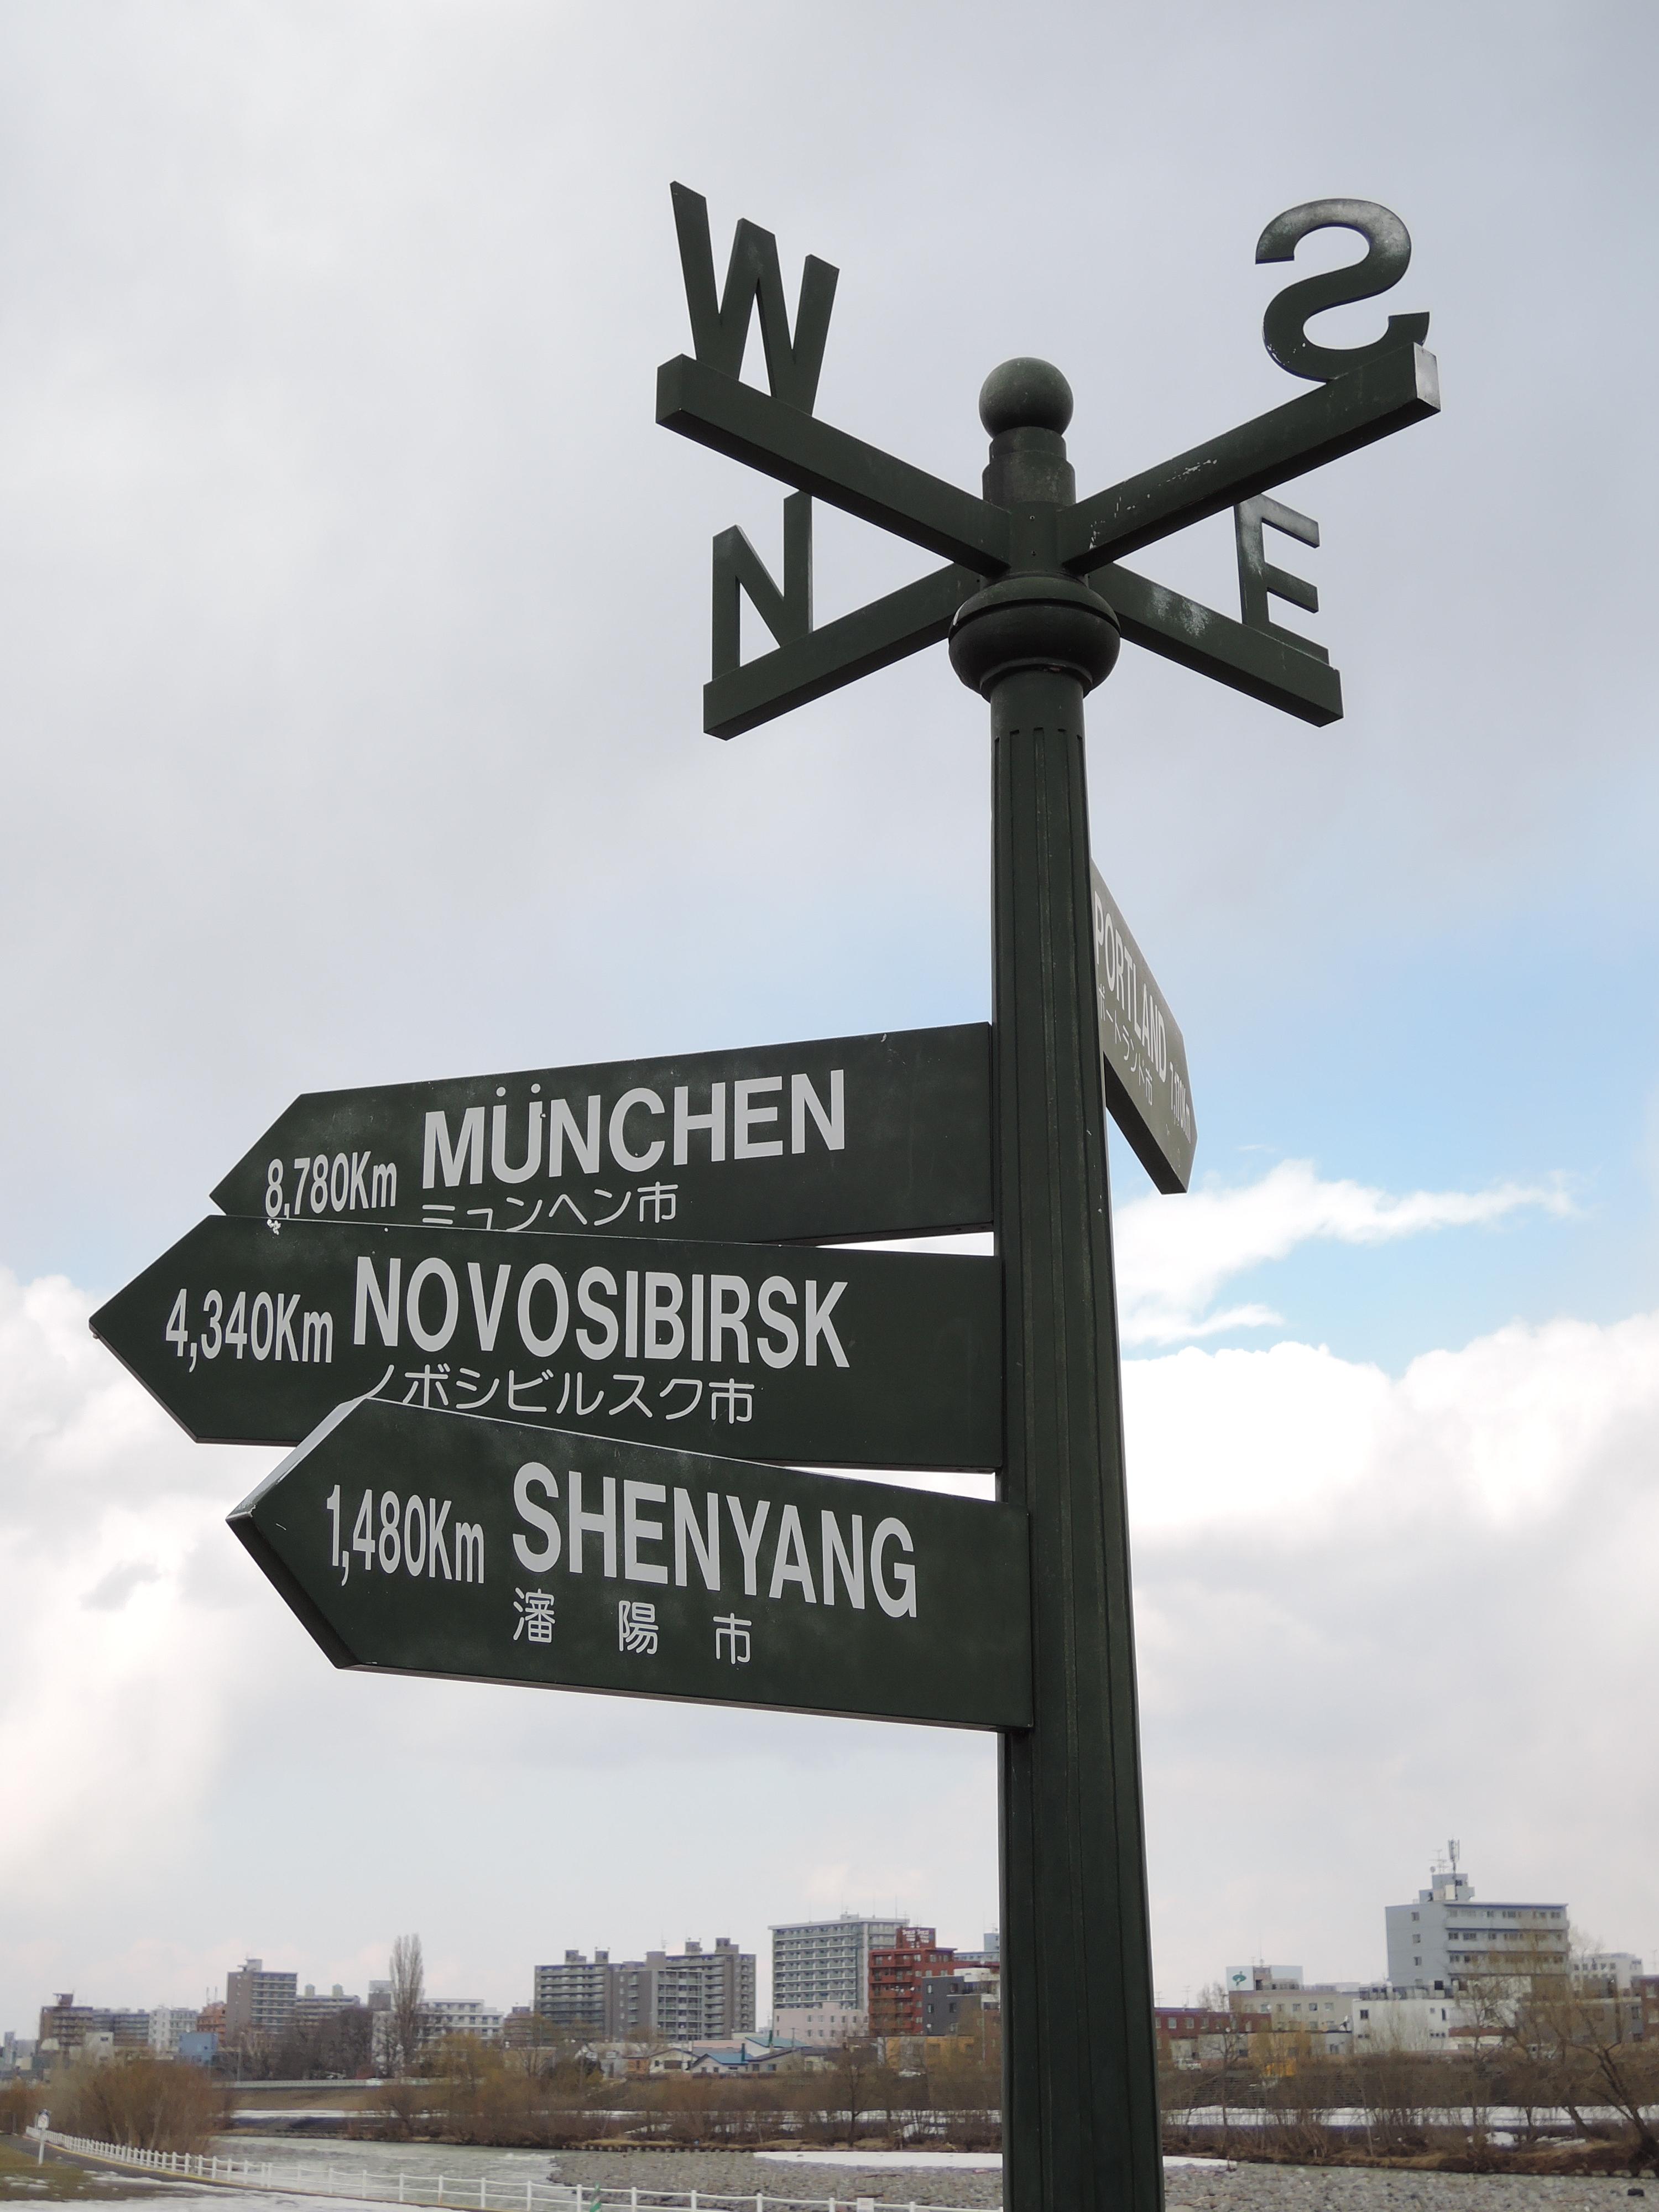 河原にあった標識は姉妹都市の方角と距離を示すもの。「大田(テジョン)」のが見当たらないけど。COOLPIX P330 / 4,000×3,000 / プログラムAE / 1/500秒 / F4 / 0.3EV / ISO80 / WB:AUTO1 / 10.7mm(50mm相当)